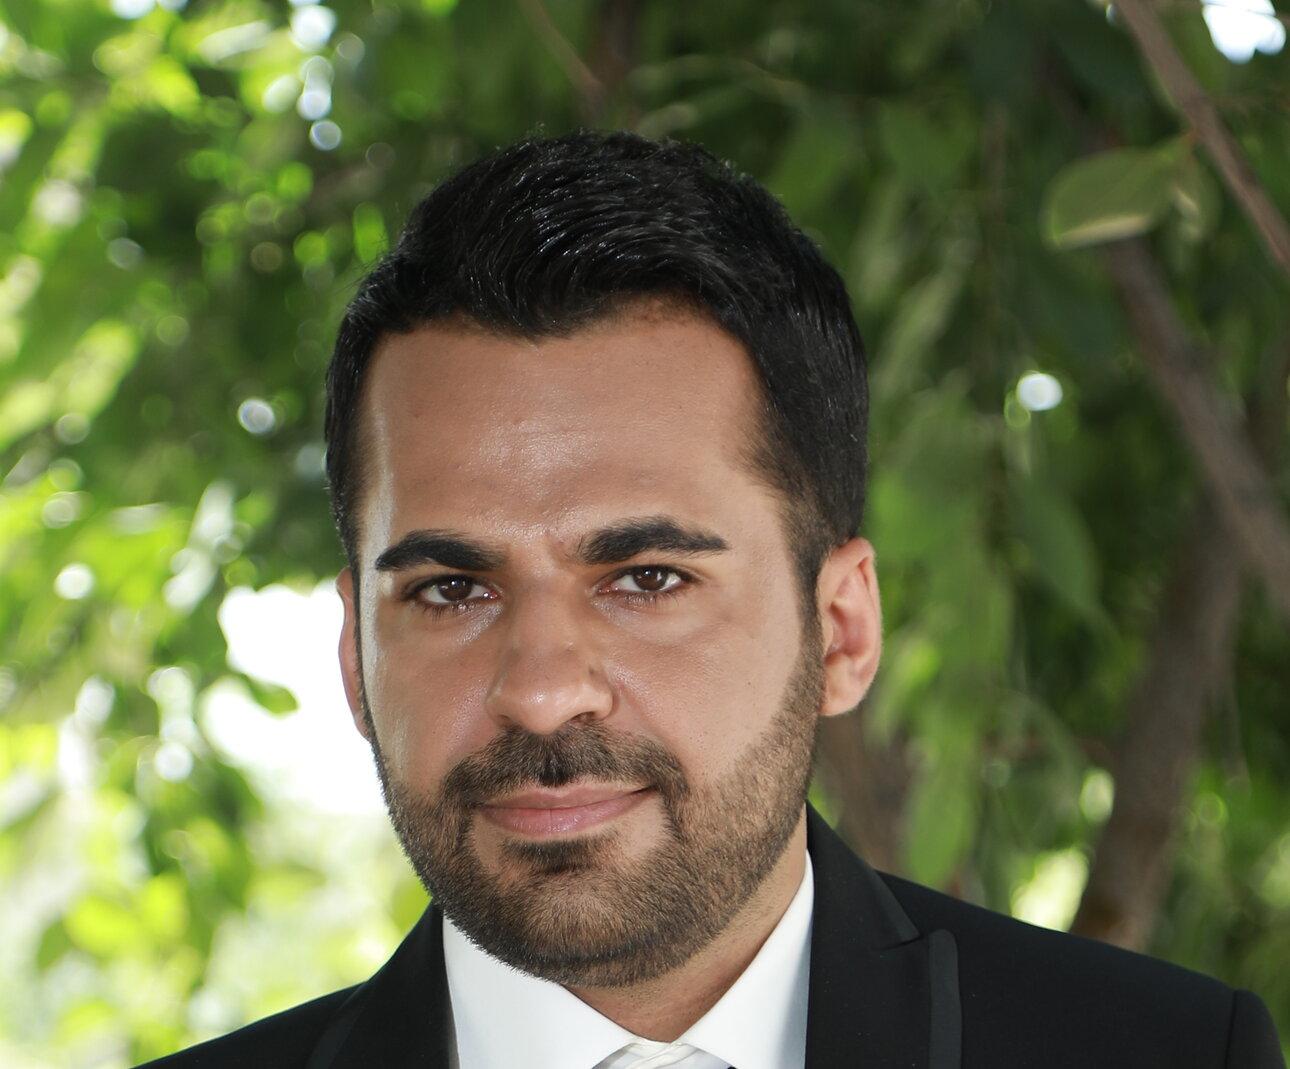 Ahmad Sadeghi